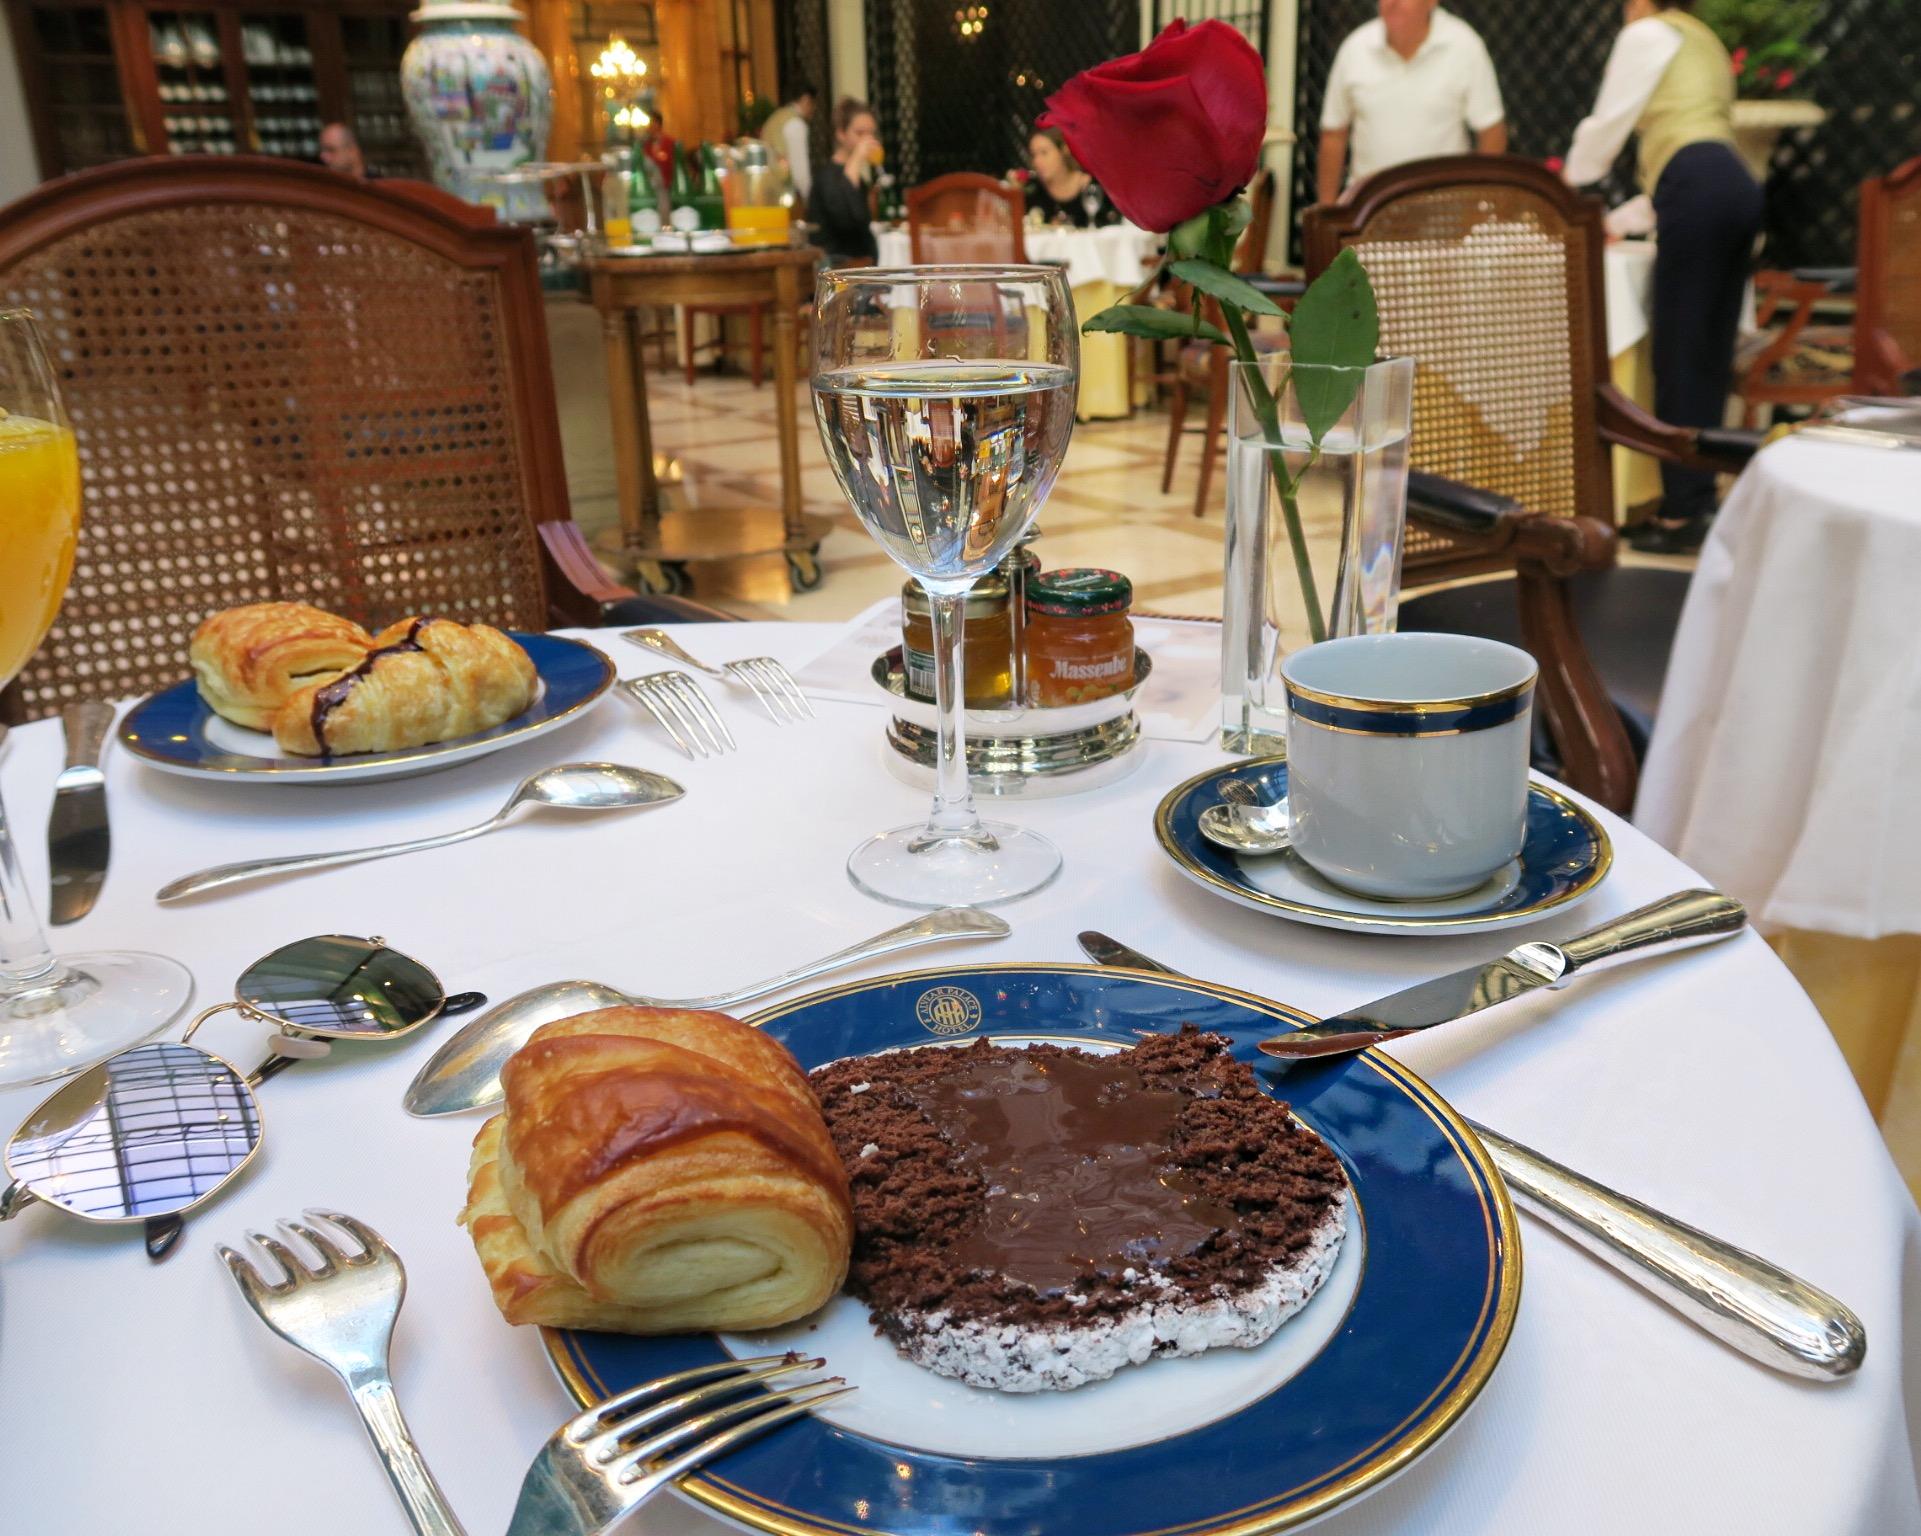 beta-pinheiro-hotel-alvear-buenos-aires-cafe